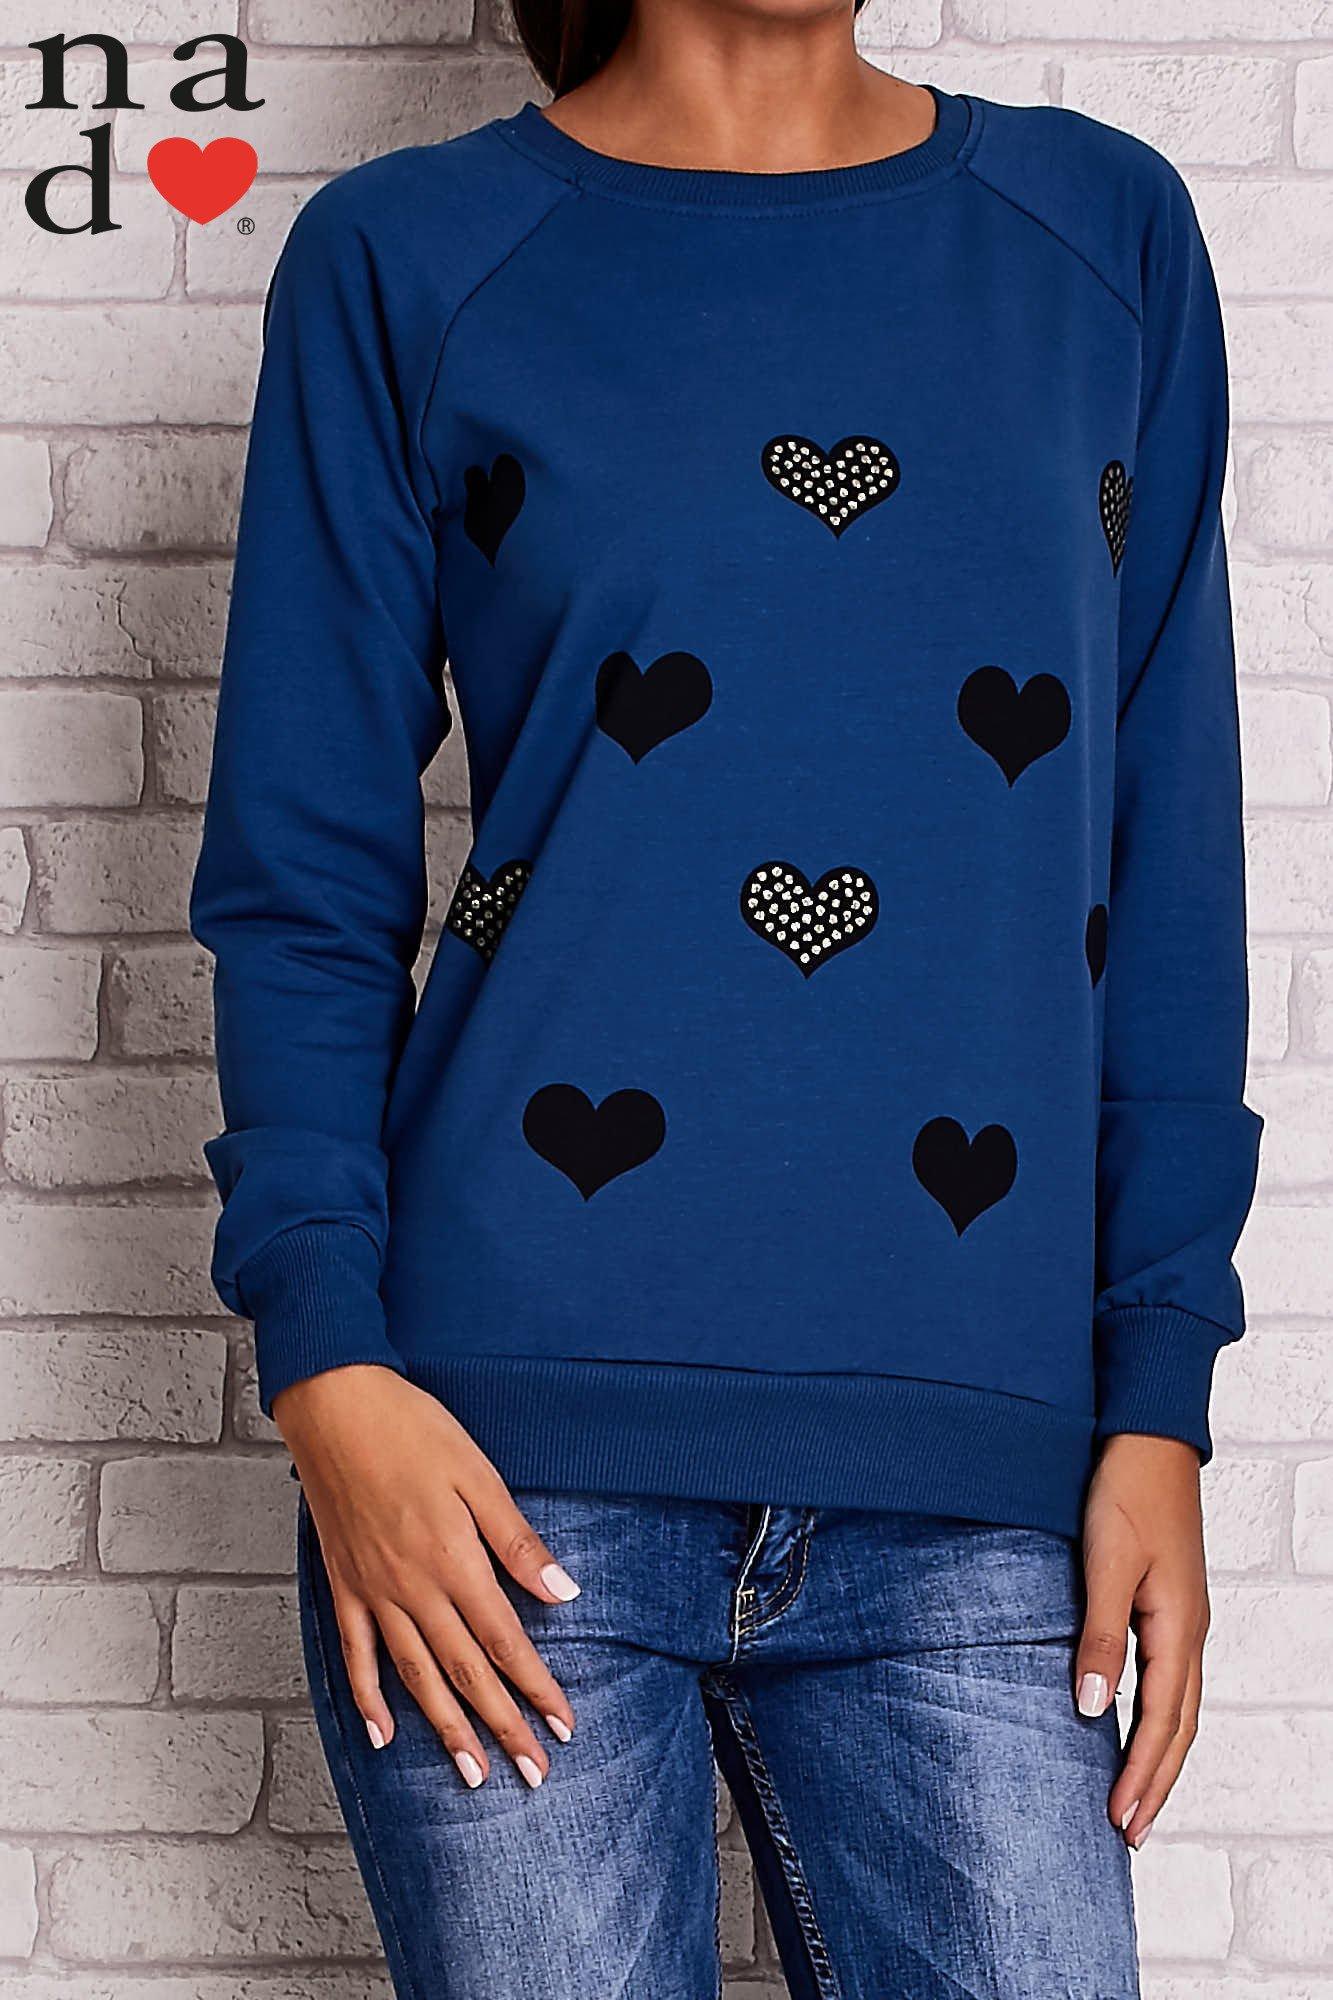 Ciemnoniebieska bluza z serduszkami                                  zdj.                                  1